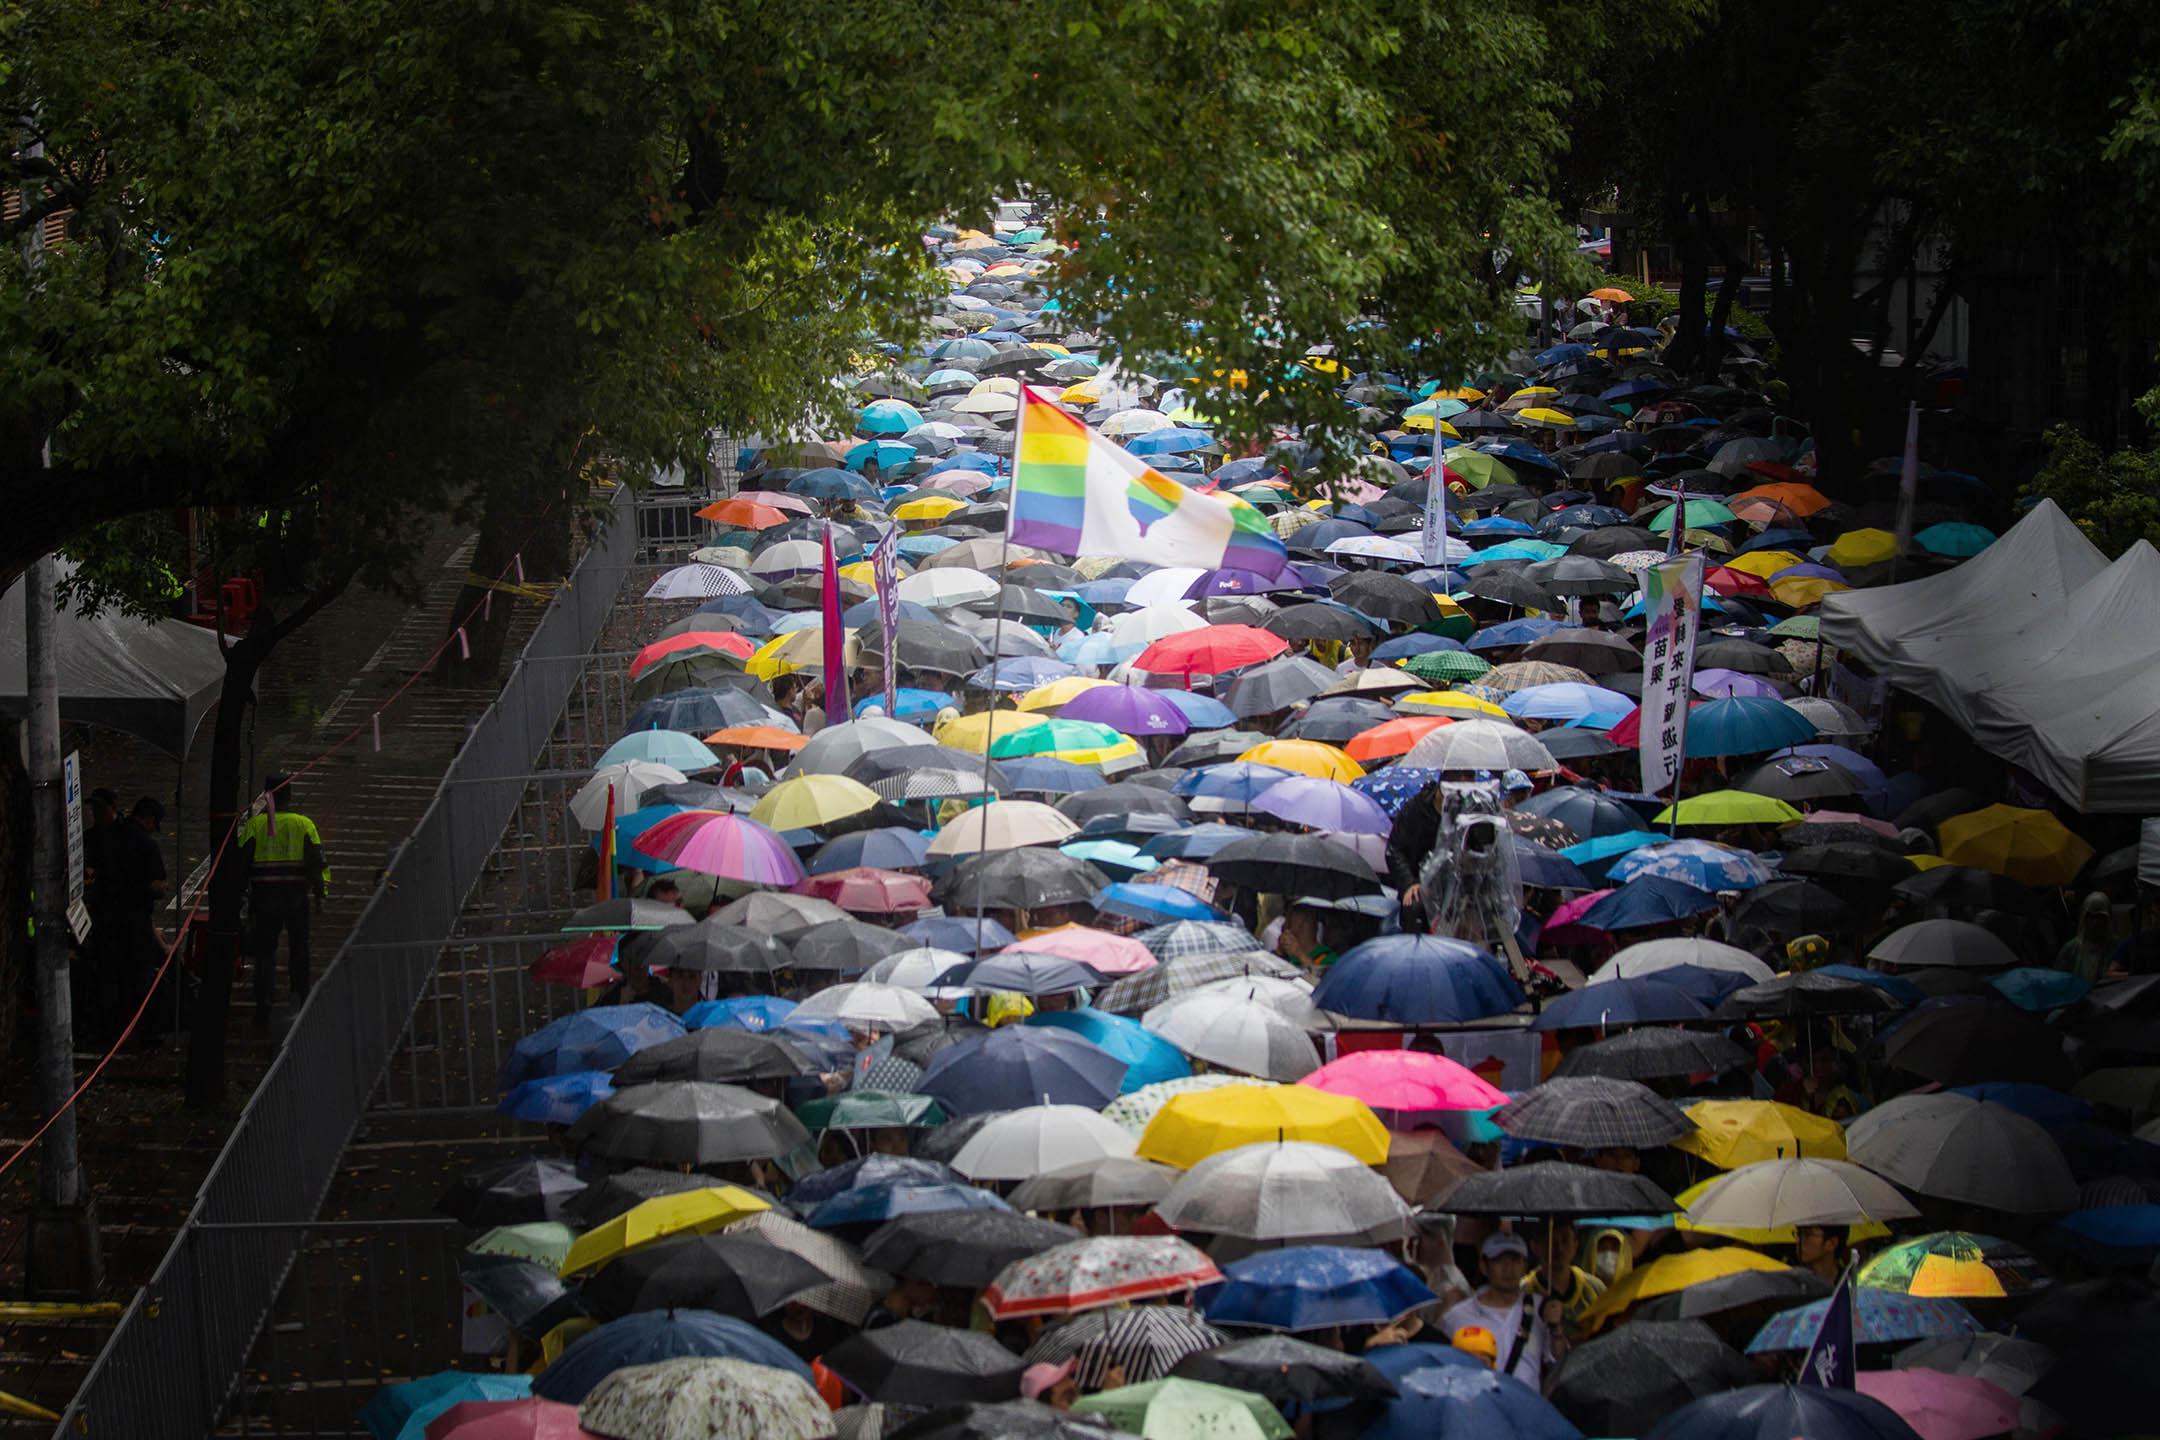 2019年5月17日,台北立法院外挺同團體發起集會,逾四萬人冒雨參加。